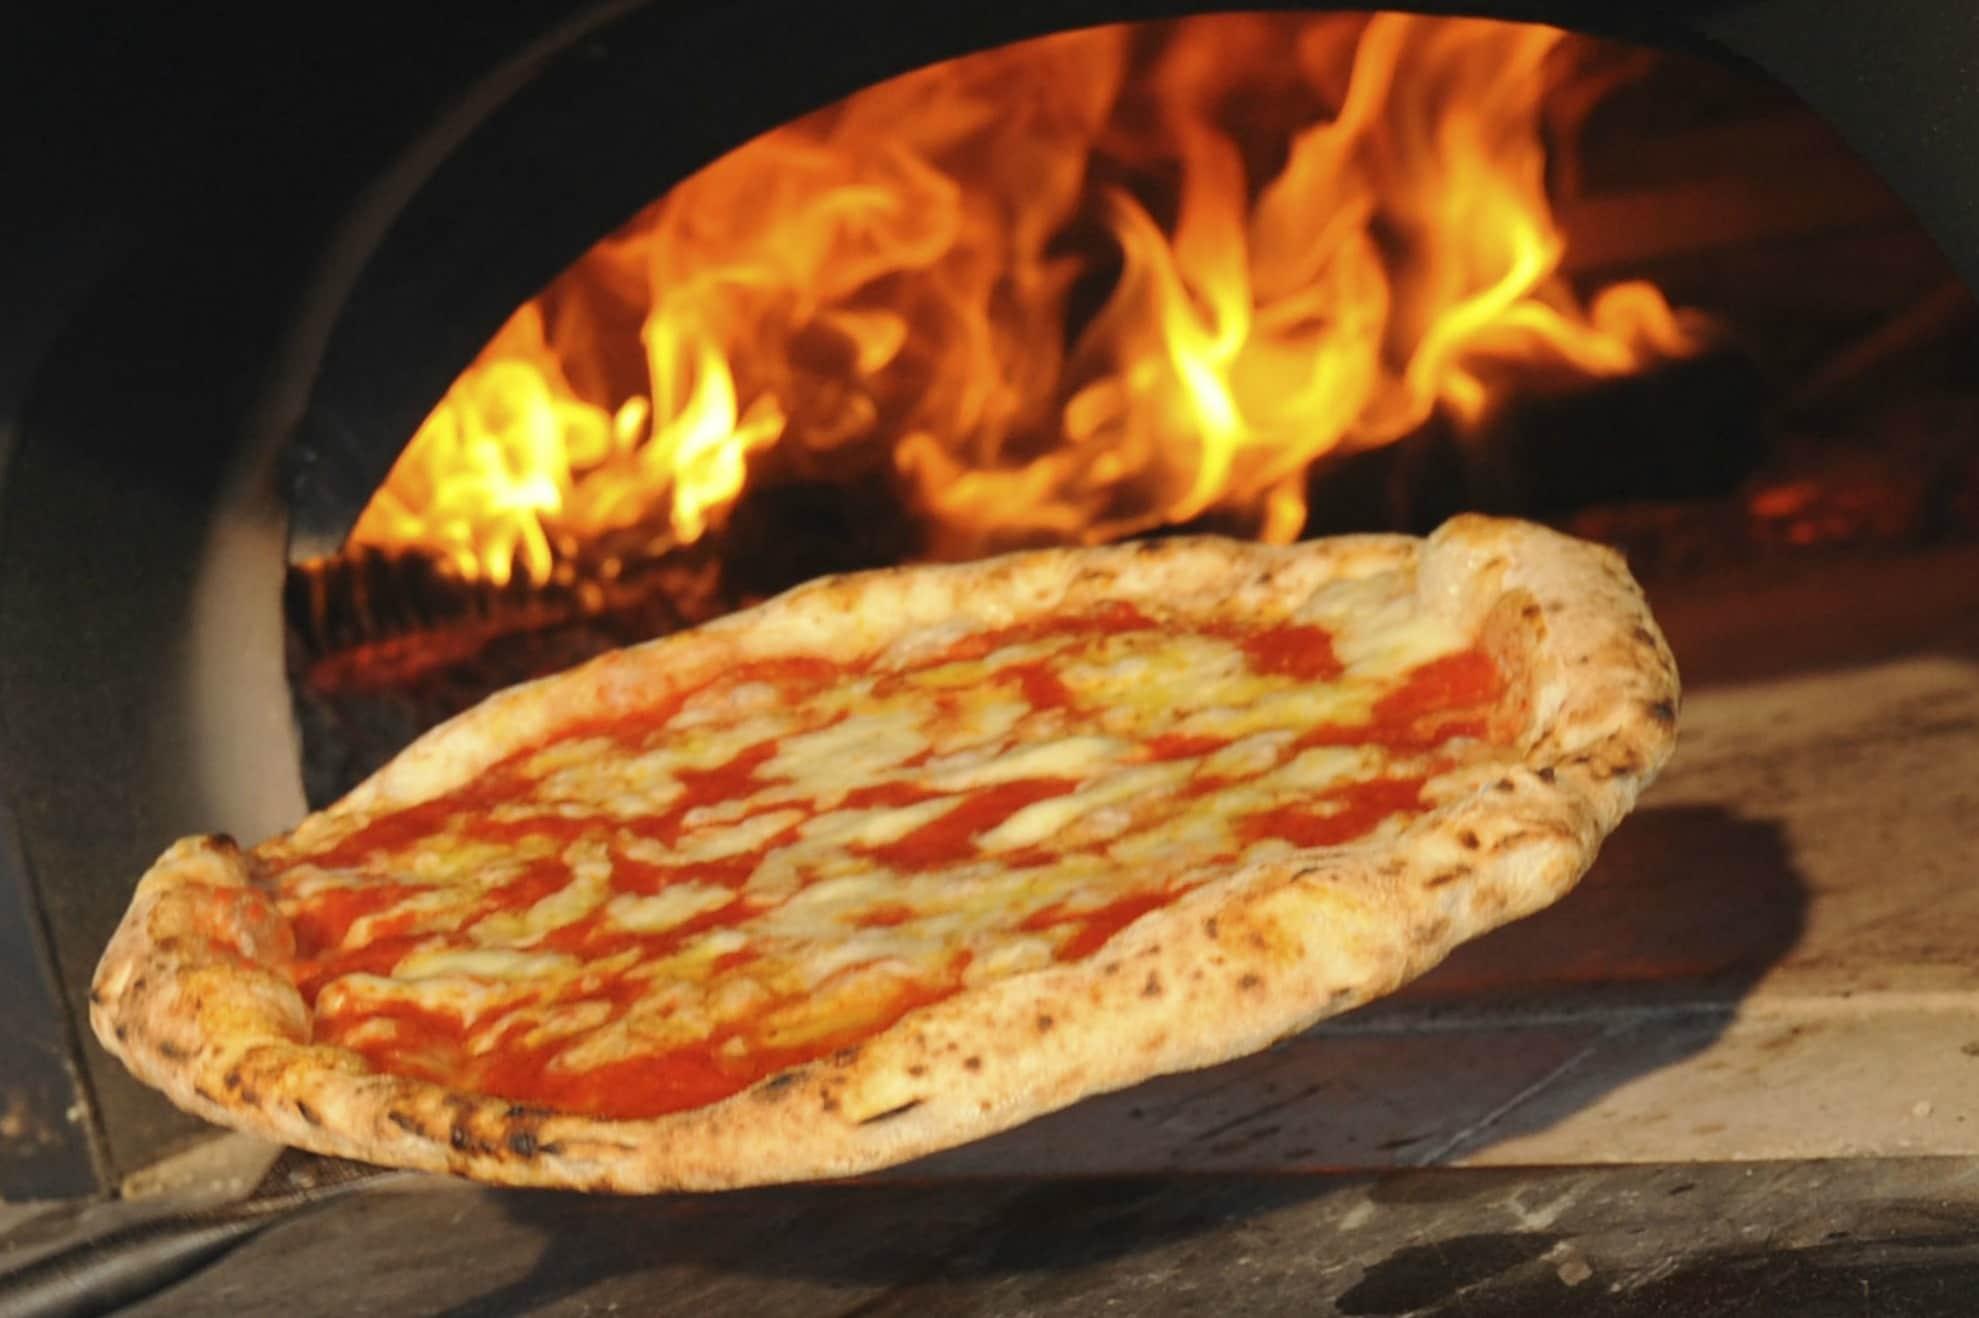 Cucine Usate Campania Napoli cosa mangiare a napoli: i 15 cibi rappresentativi della